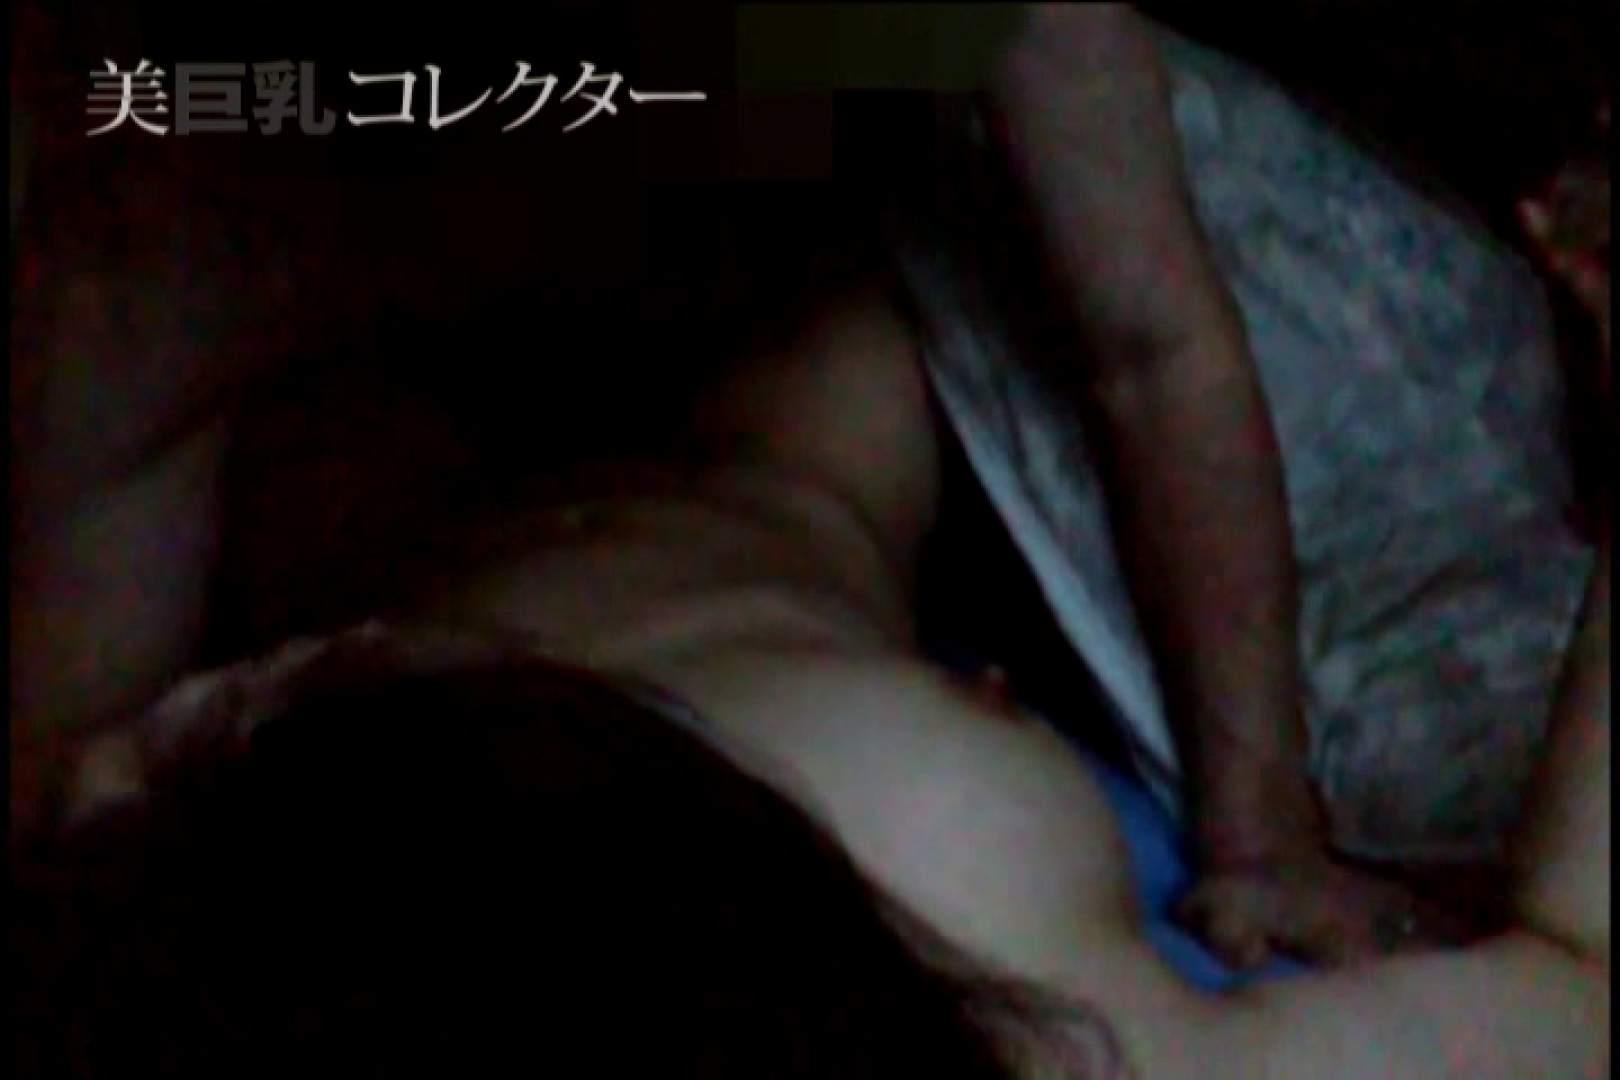 泥酔Hカップ爆乳ギャル3 隠撮  29連発 12